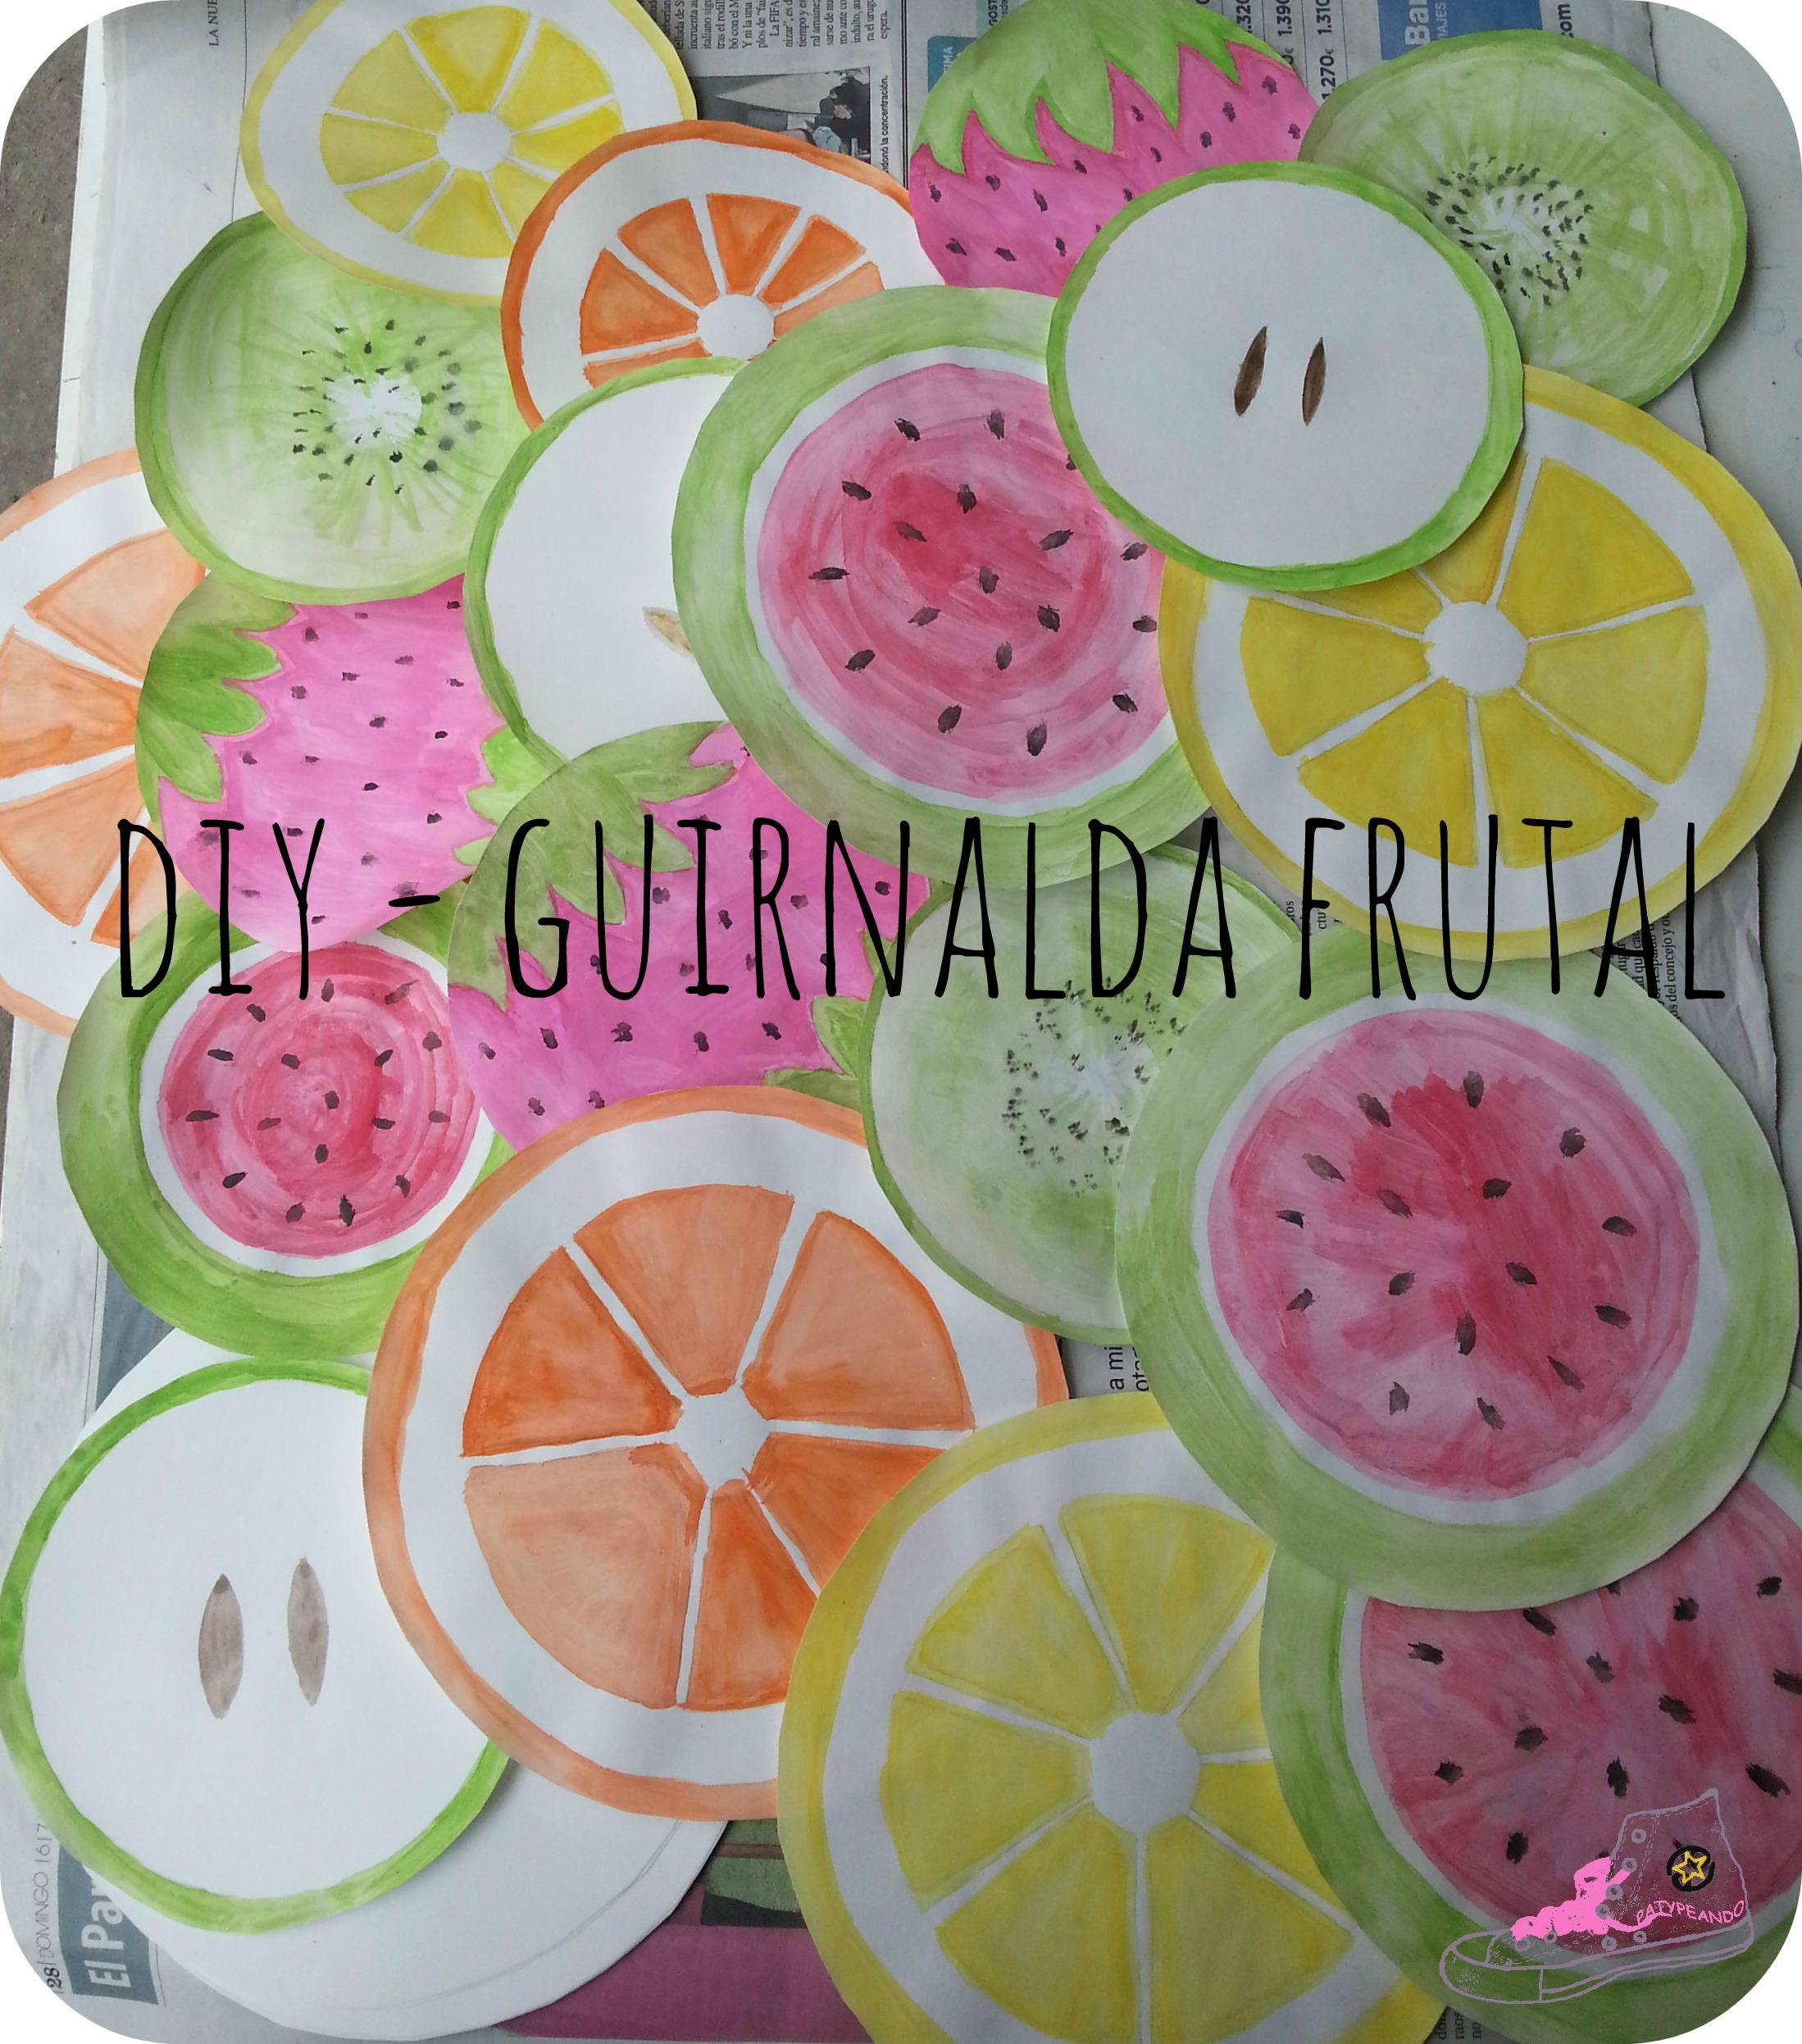 guirnalda frutal